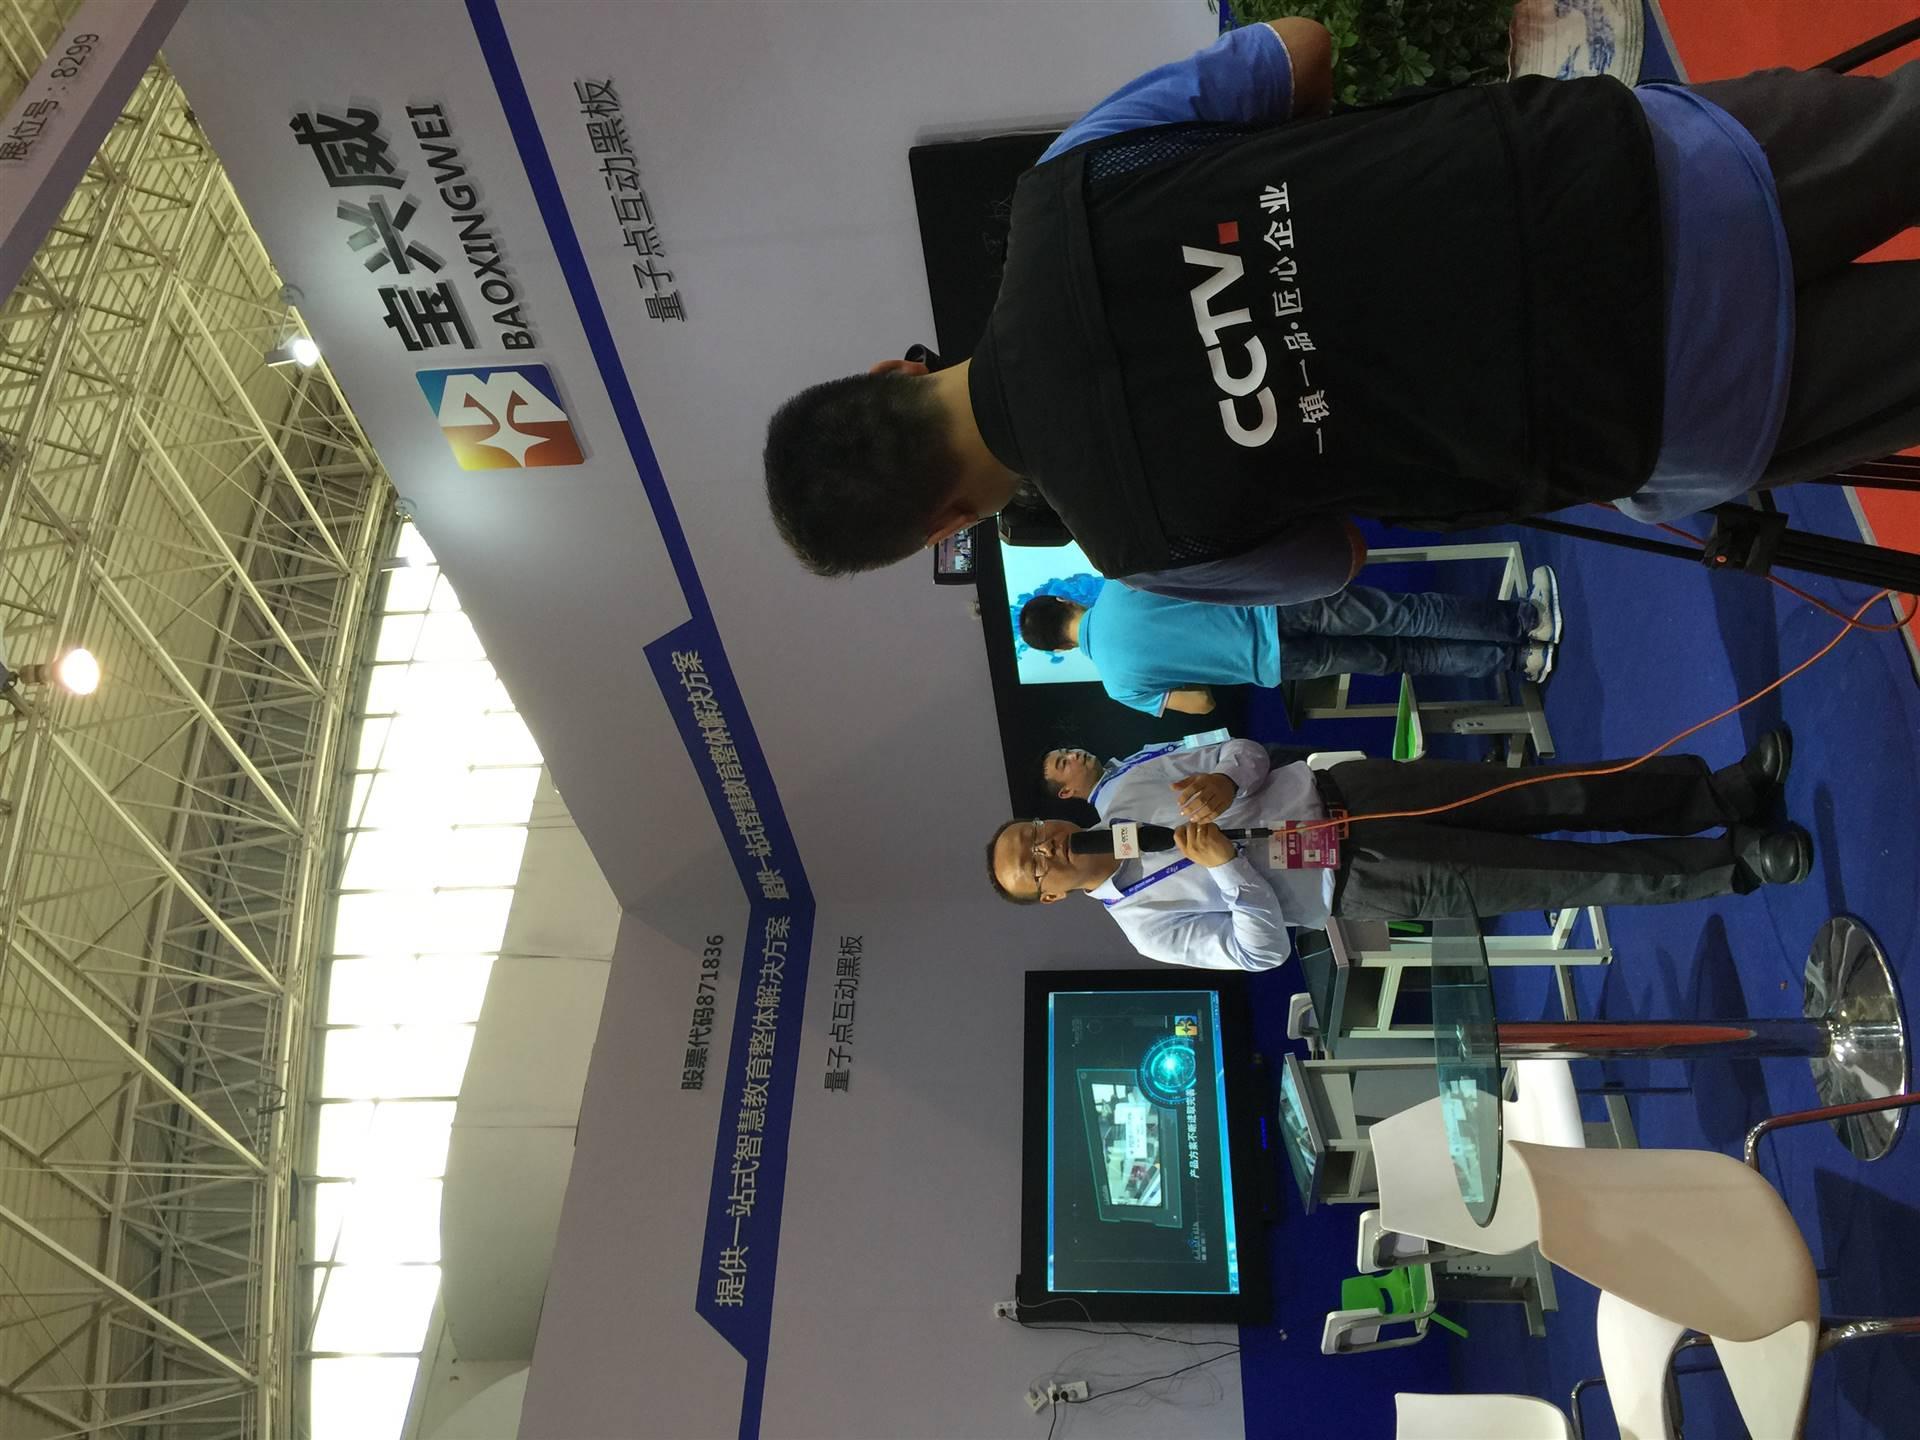 2019亚洲教育装备展览于北京启动